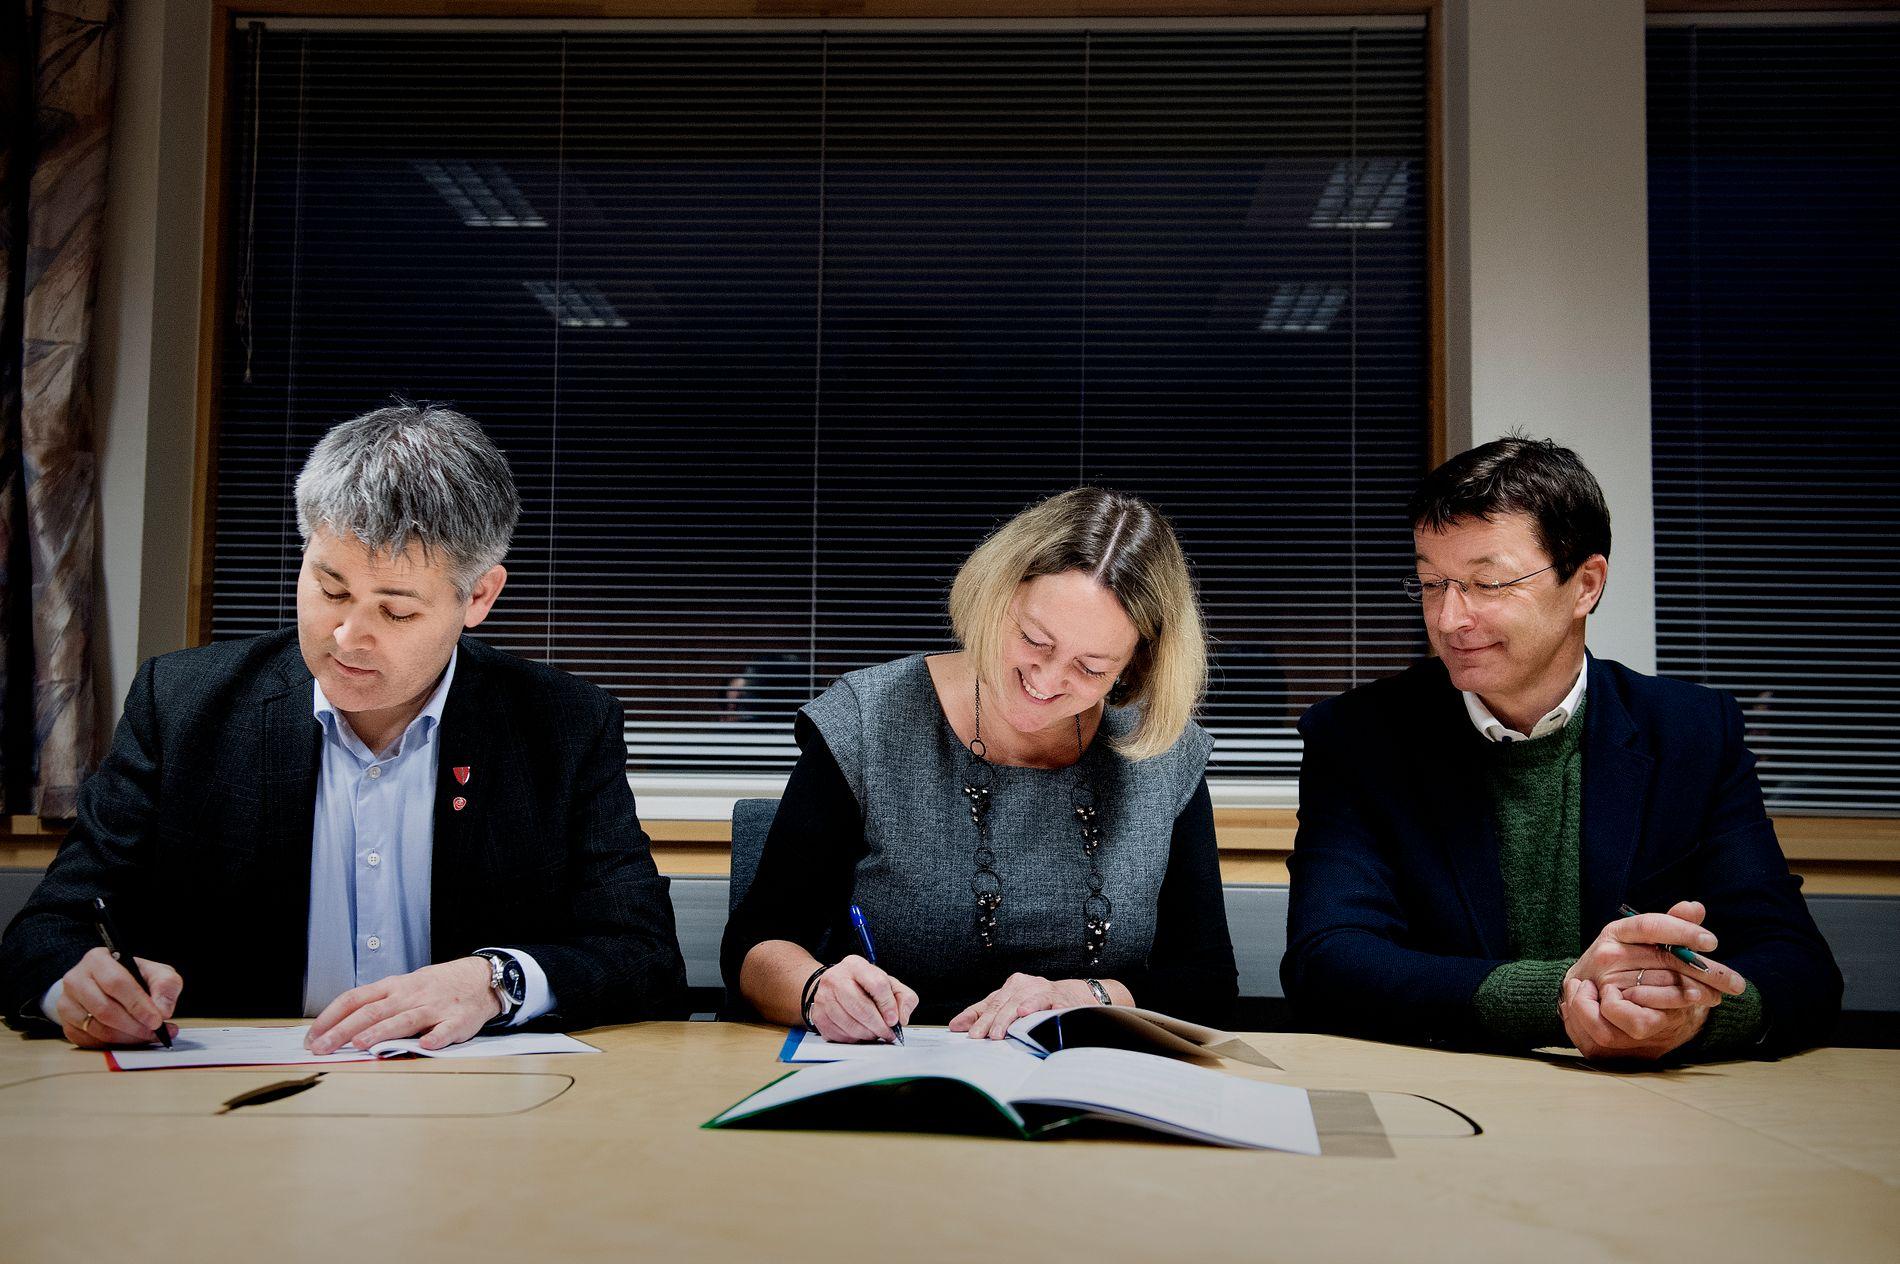 GÅR SAMAN: Øyvind Oddekalv (Ap), Astrid Aarhus Byrknes (KrF) og Jon Askeland (Sp) signerte intensjonsavtalen, for det som frå 2020 blir Alver kommune.